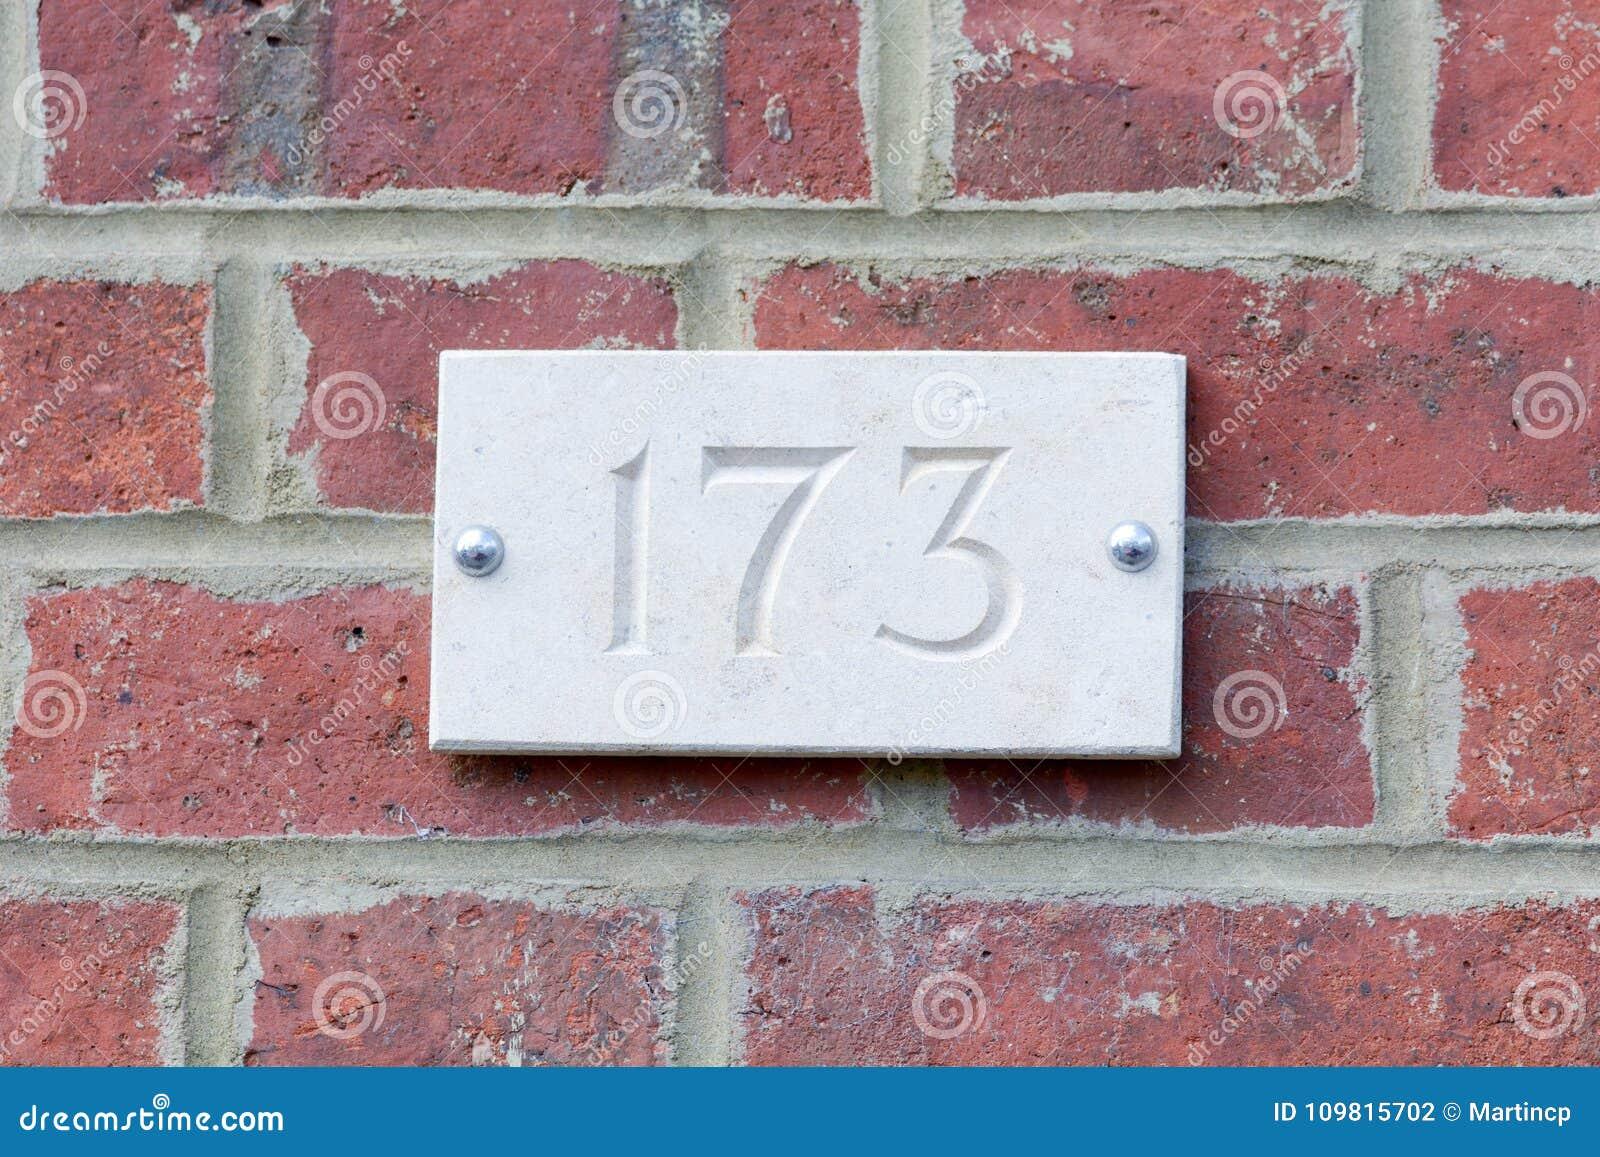 Segno del numero civico fotografia stock immagine di esterno